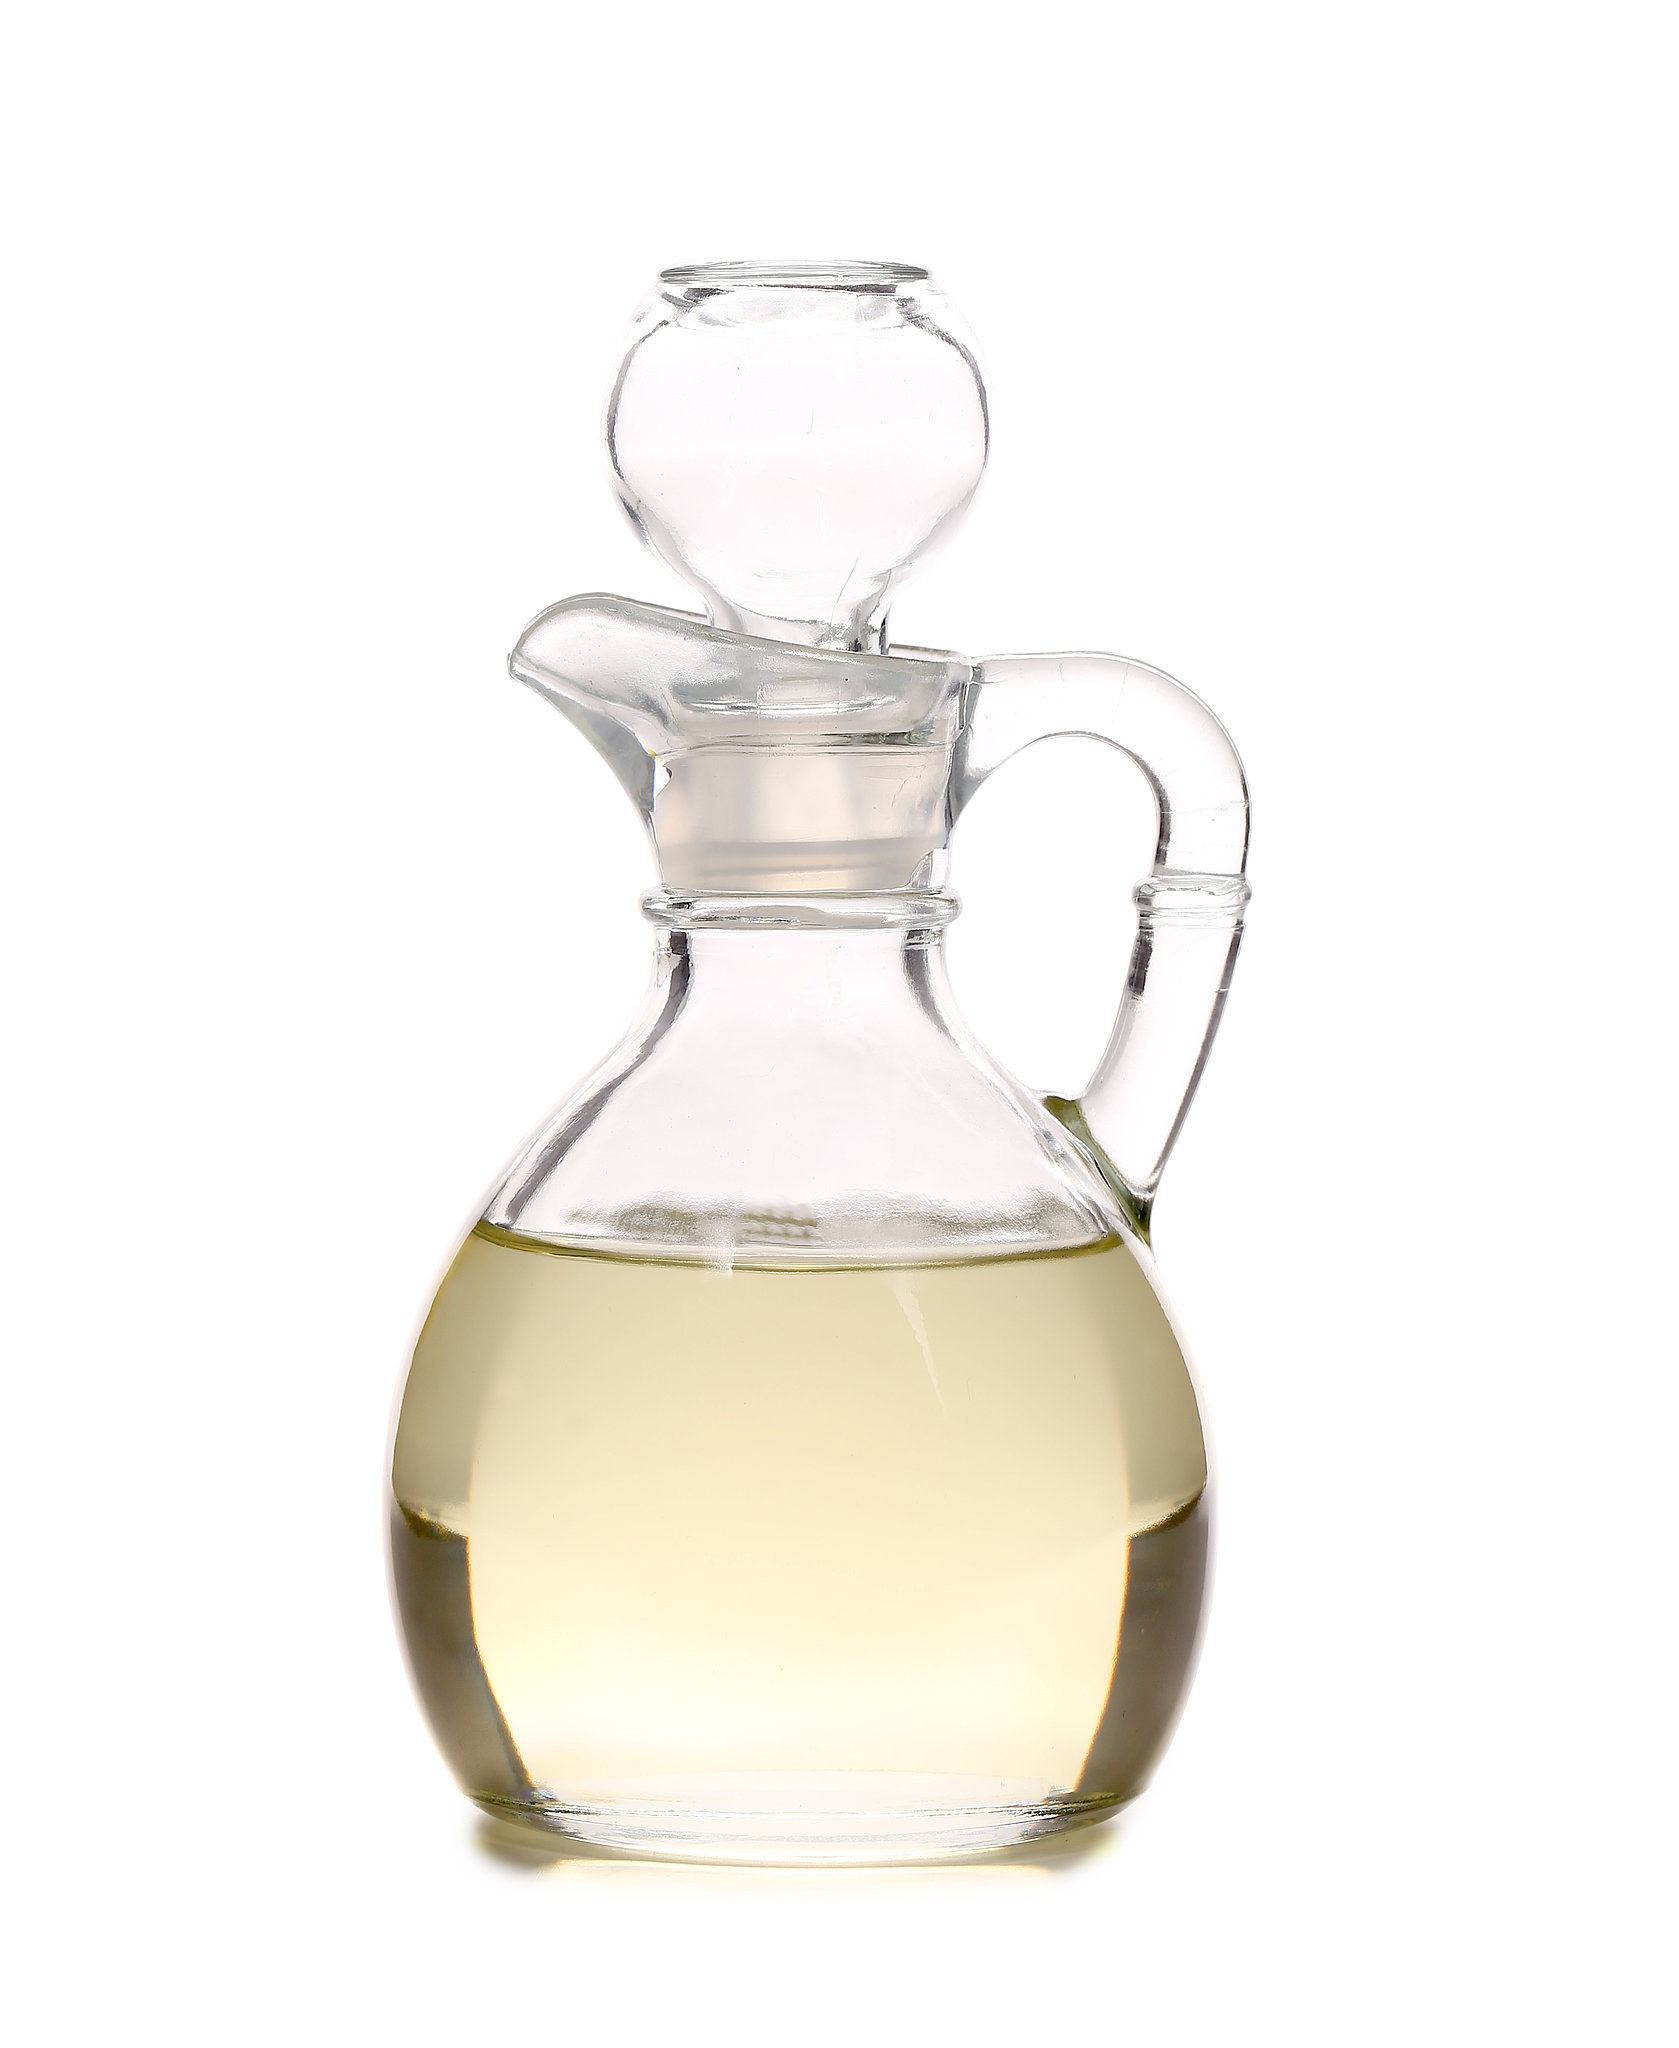 vinegar ksidi